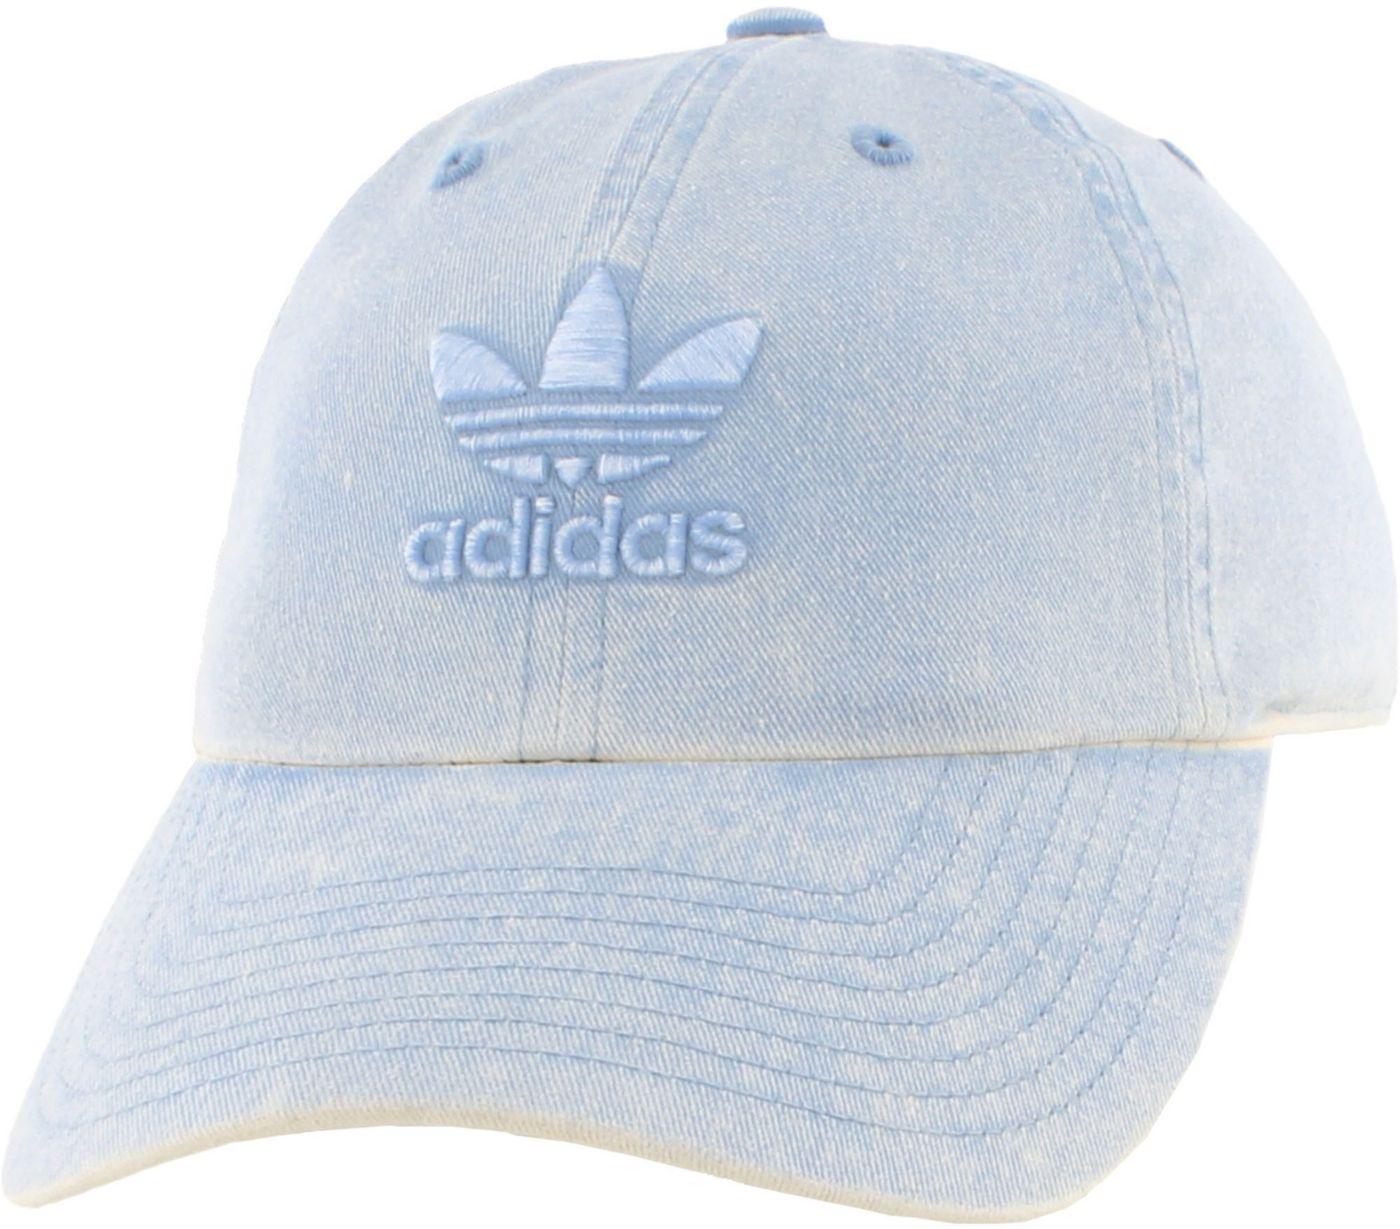 adidas Originals Women's Relaxed Overdye Hat